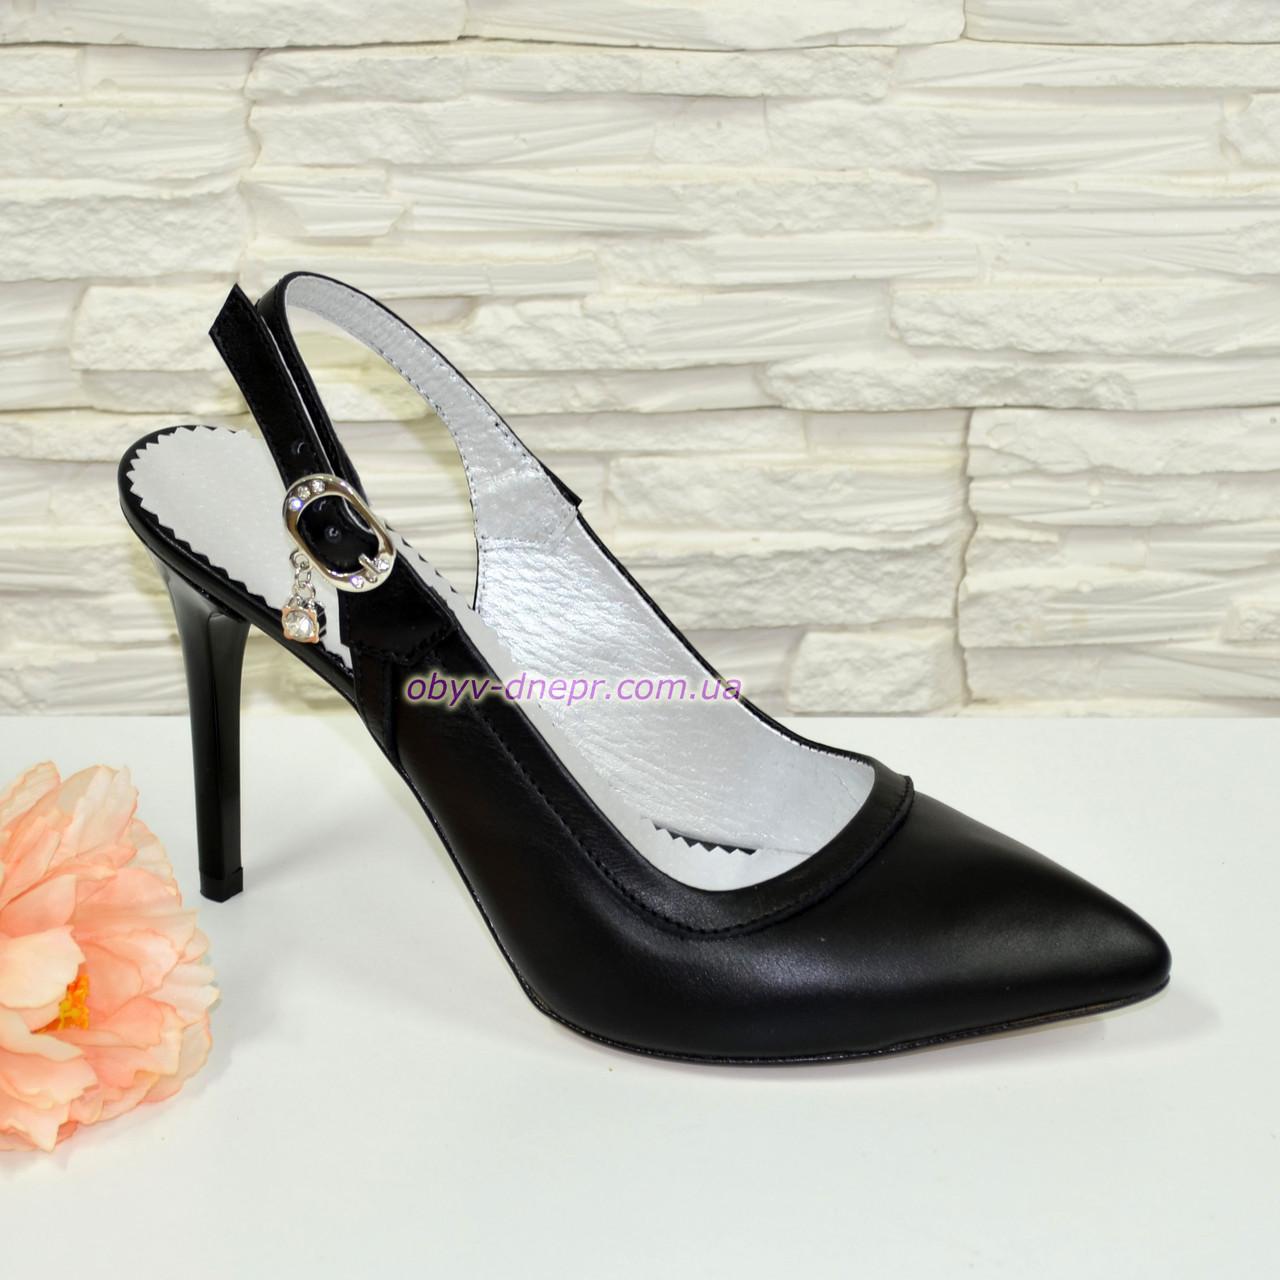 3fdb903ca492 Купить Стильные туфли женские на шпильке, натуральная кожа в Днепре от  компании ...